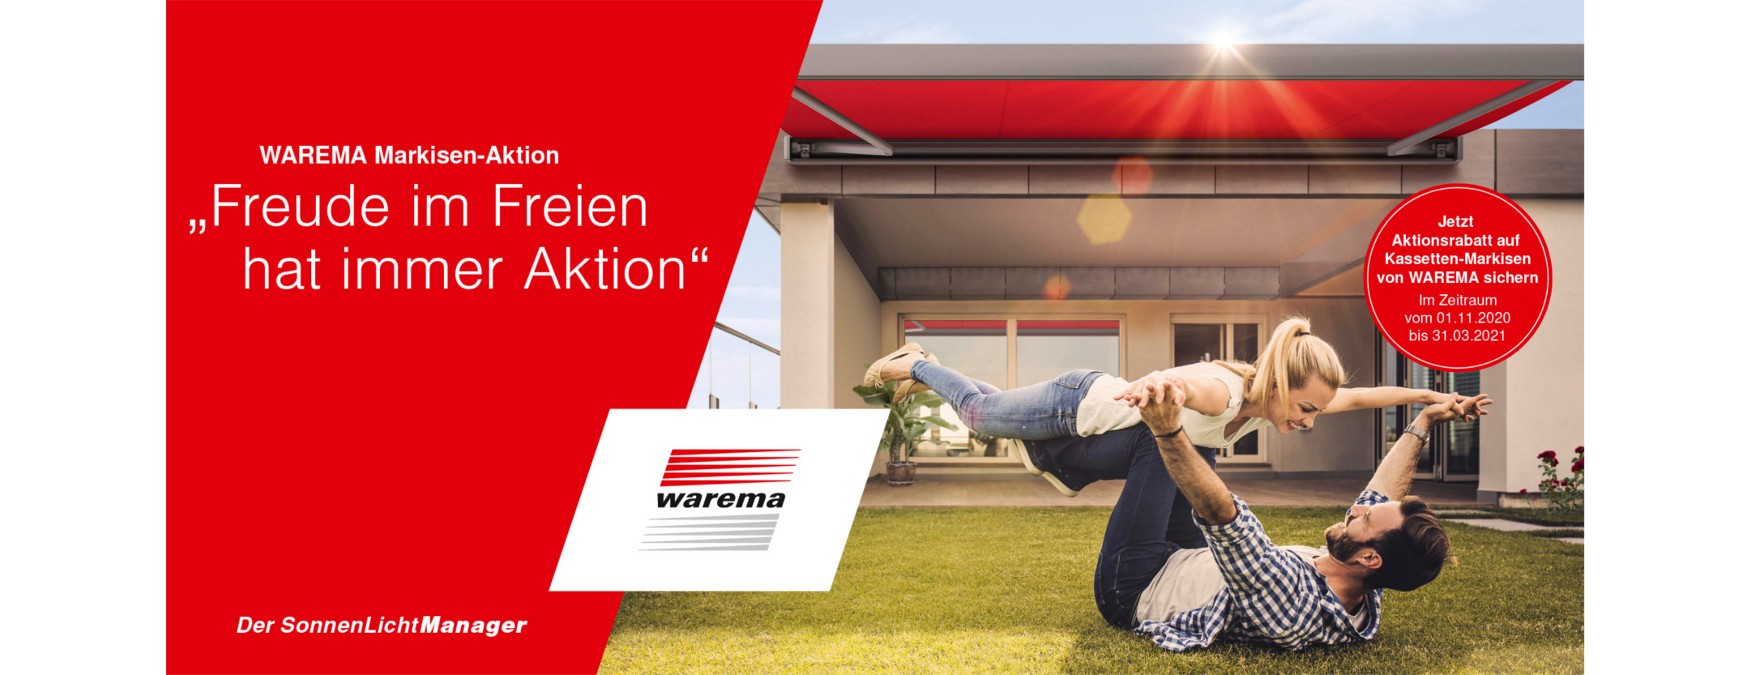 Warema Markisen-Aktion